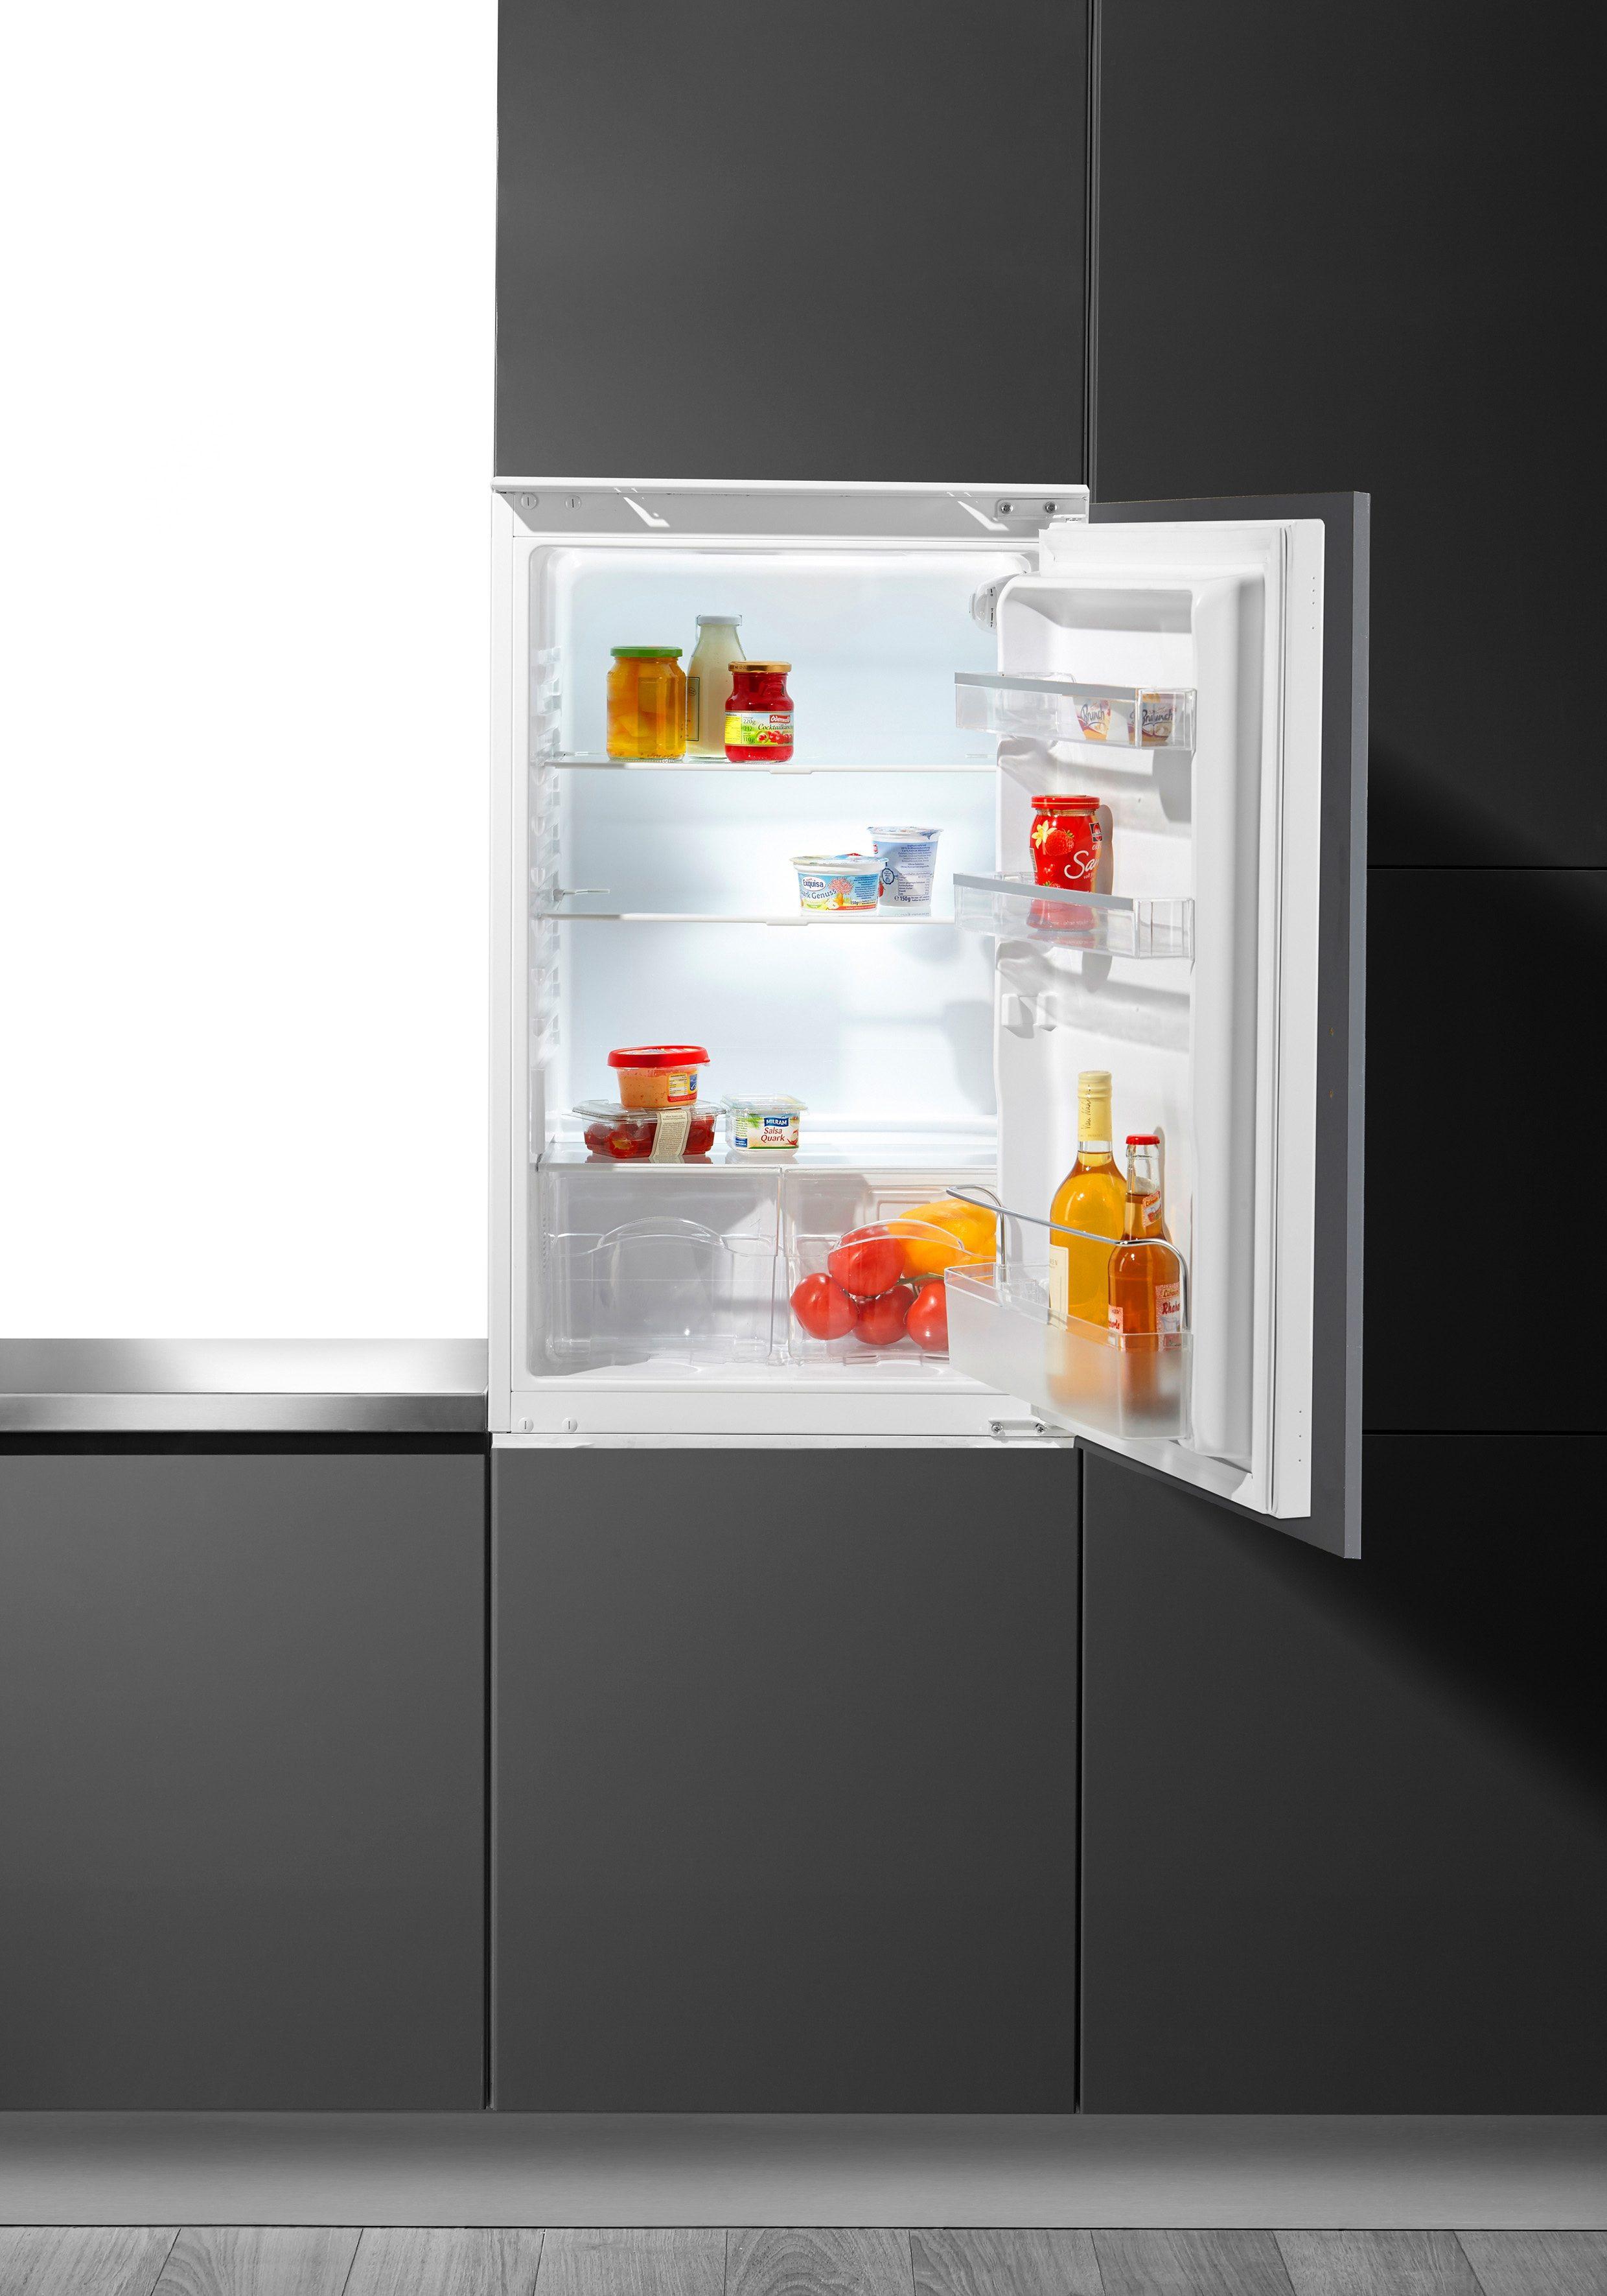 Hanseatic Einbaukühlschrank HEKS 8854A2, A++, 88 cm hoch